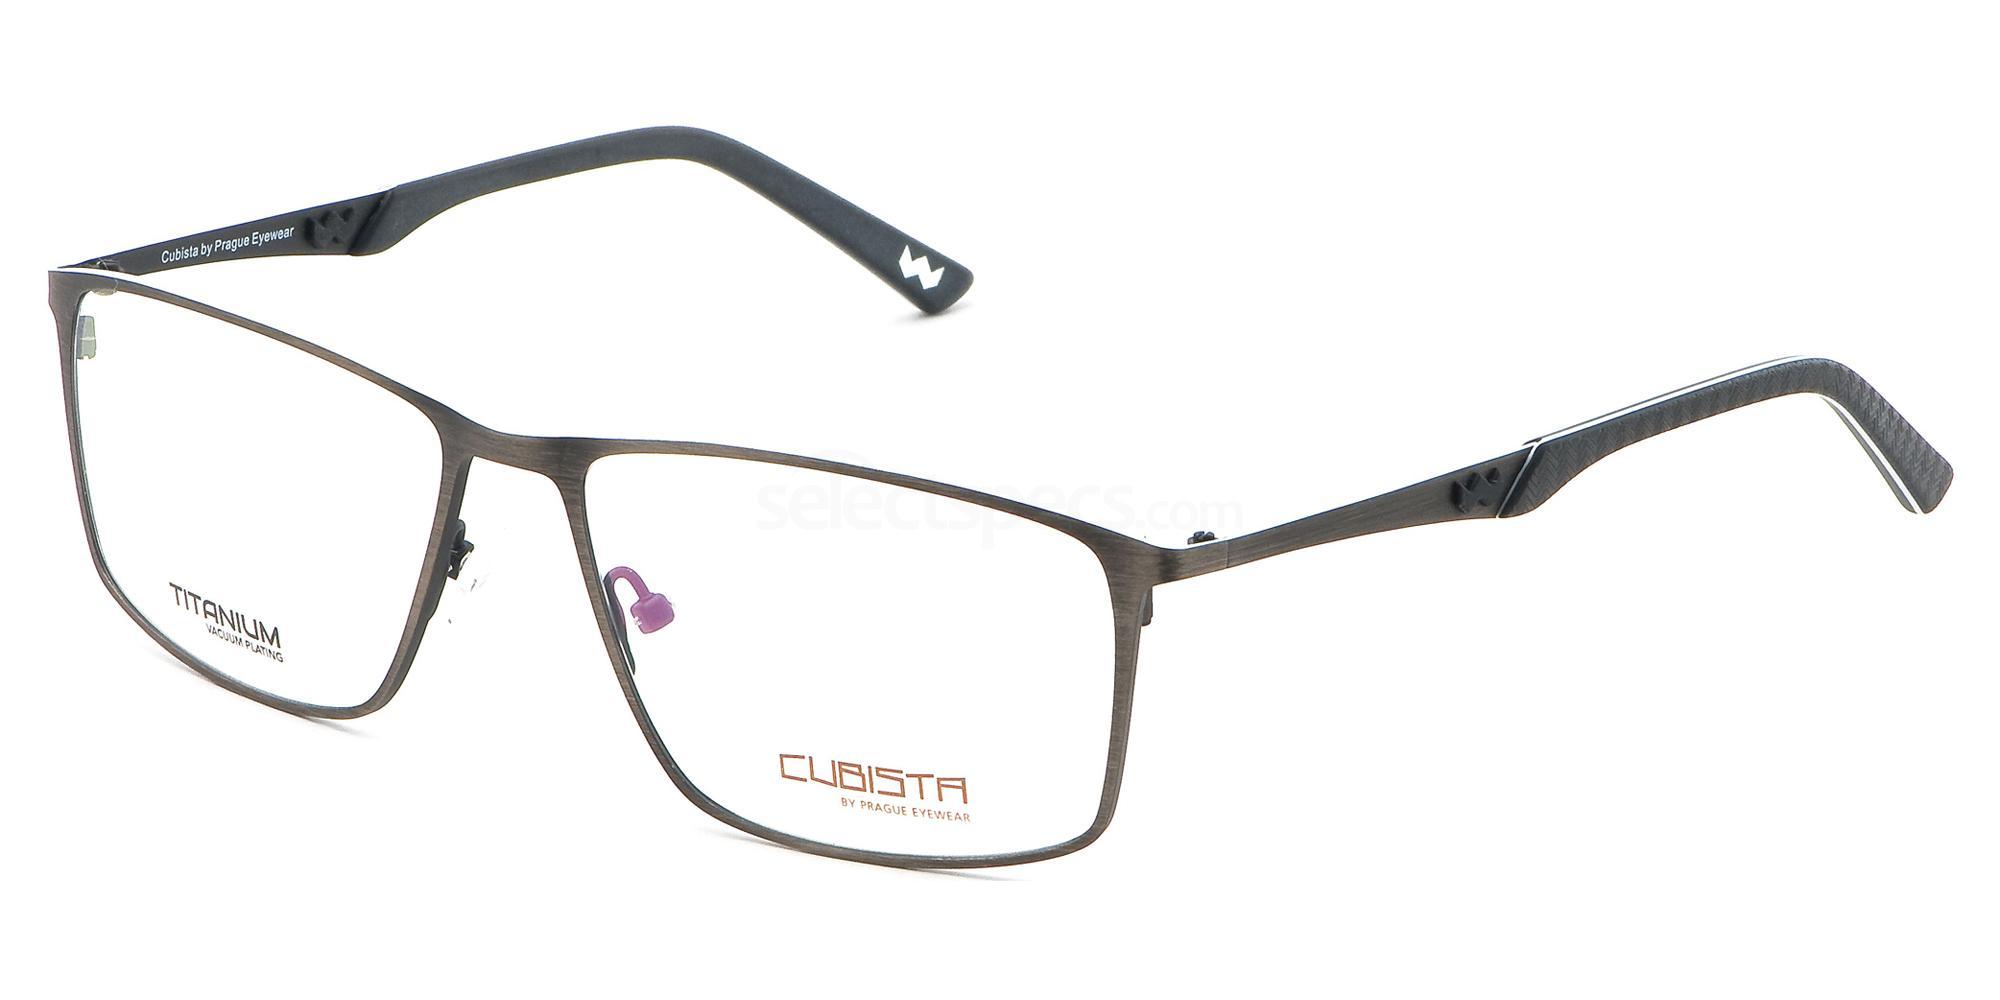 C1 CUB8616 Glasses, Cubista